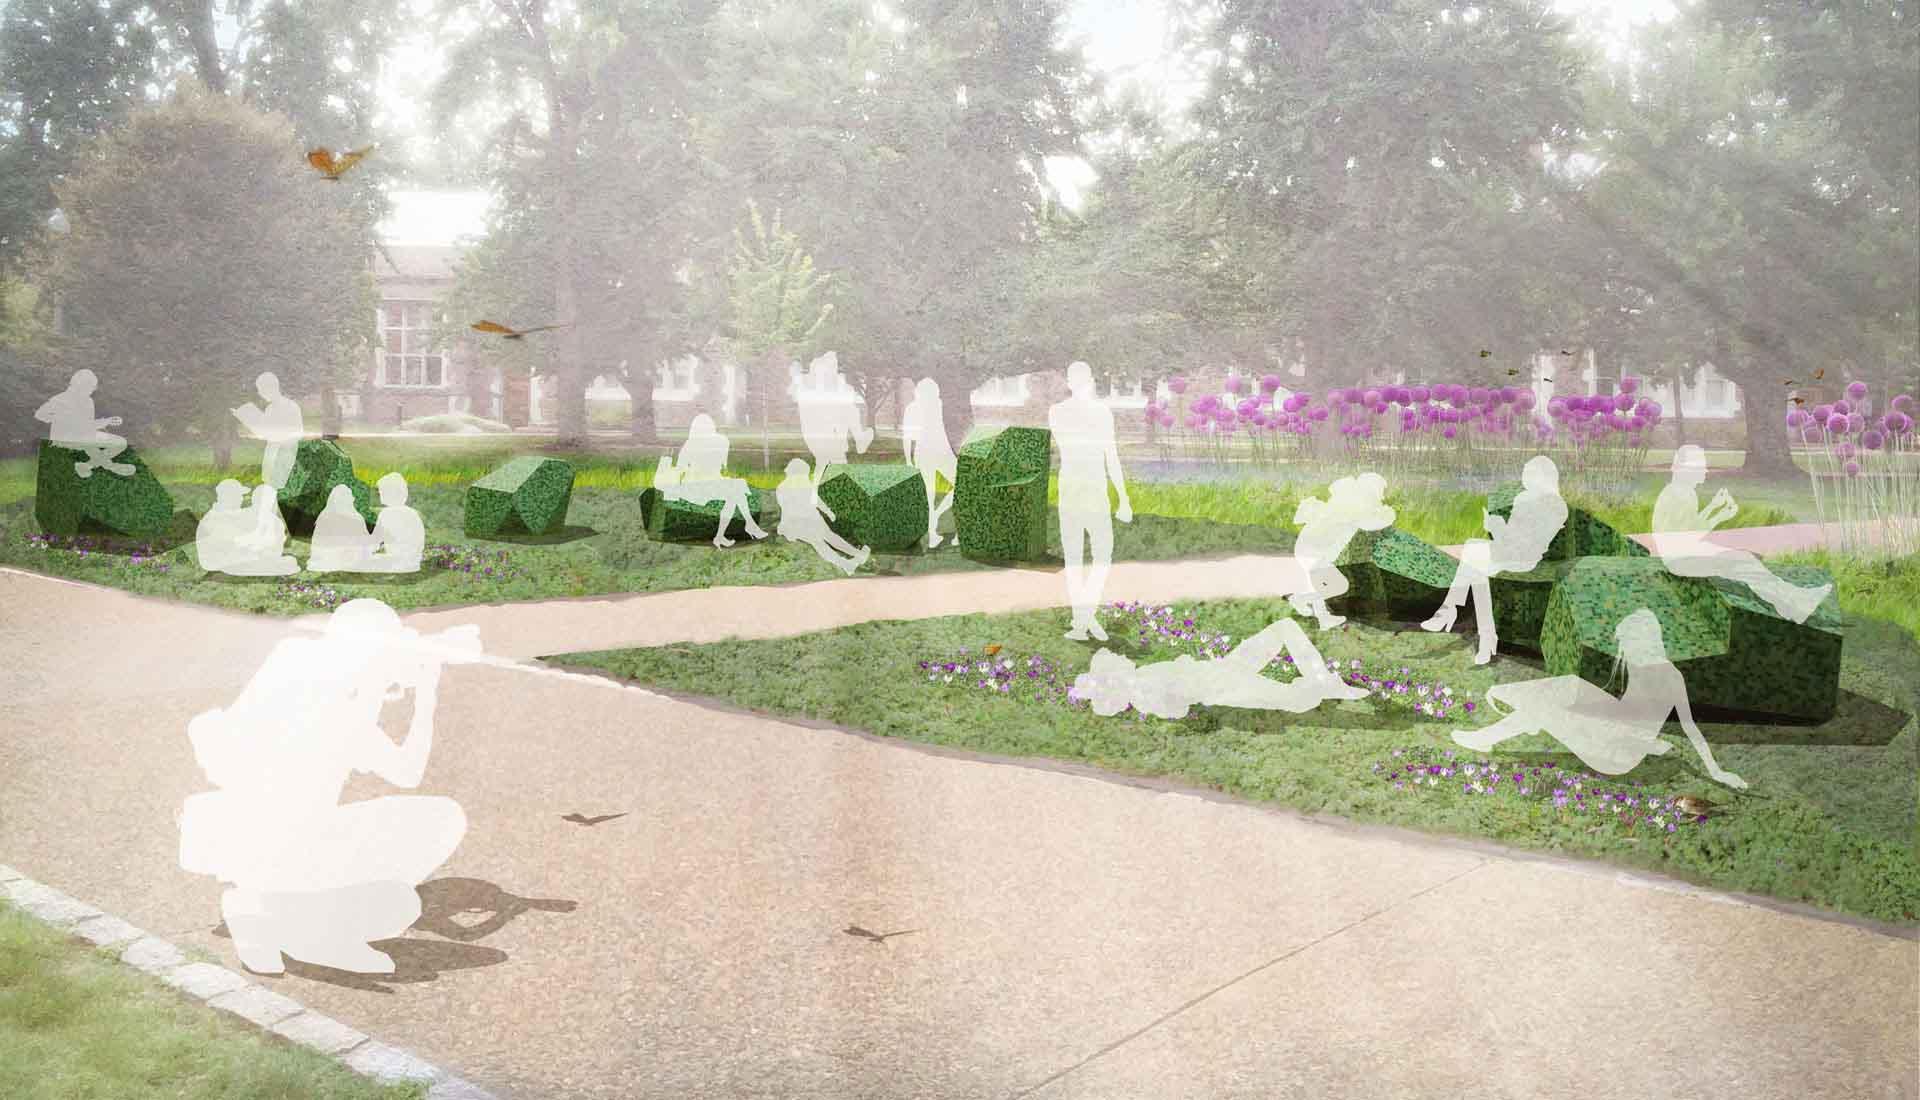 Arbolope Studio   Landscape Architects + Urban Designers   Places AoC